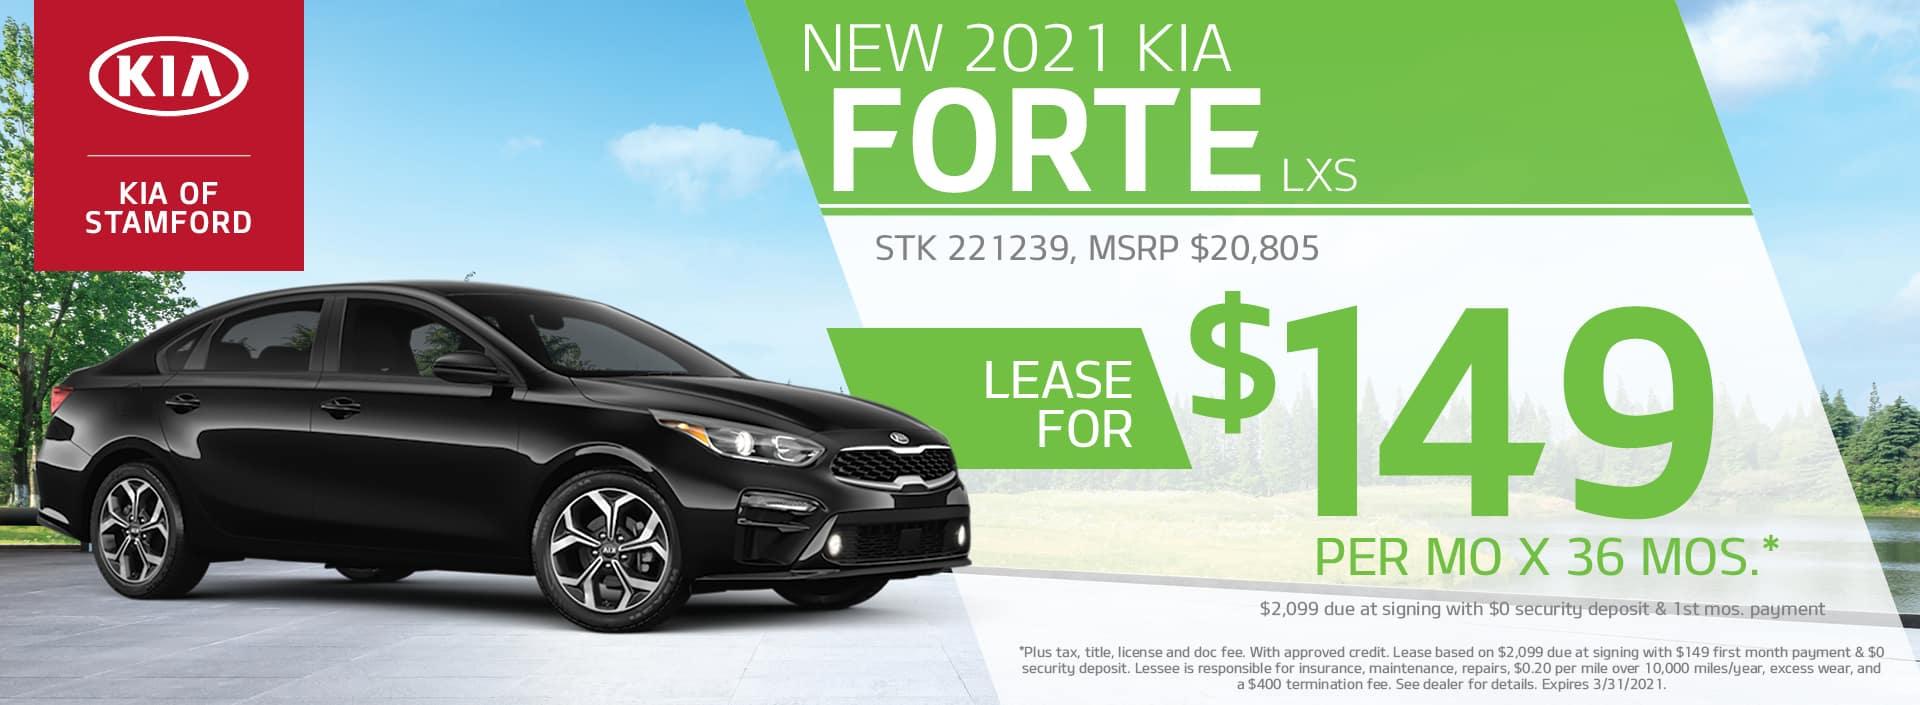 2021 Kia Forte Lease Offer | Kia of Stamford